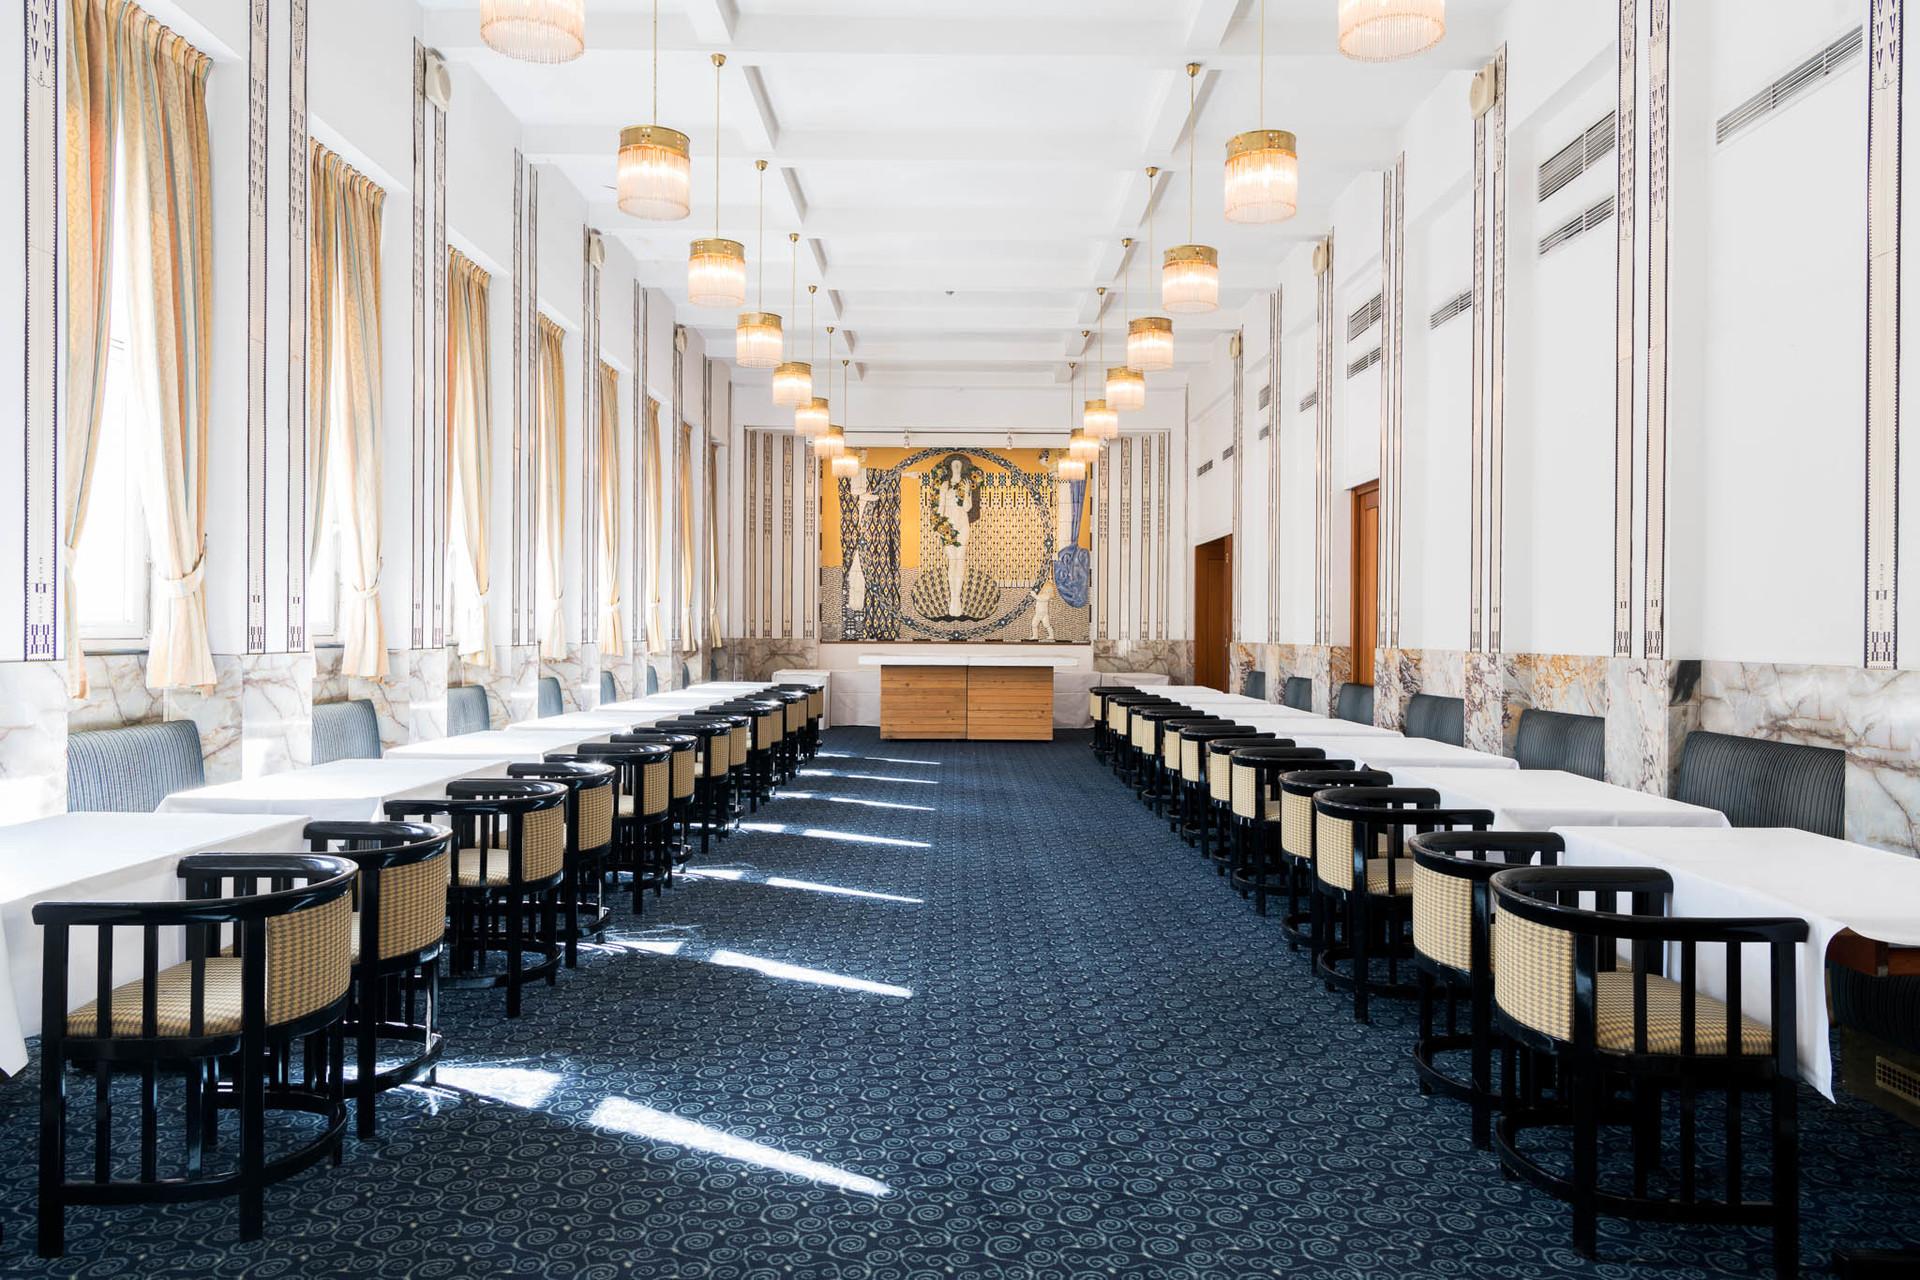 Das Grand Hotel Wiesler In Graz Direkt An Der Mur Gelegen